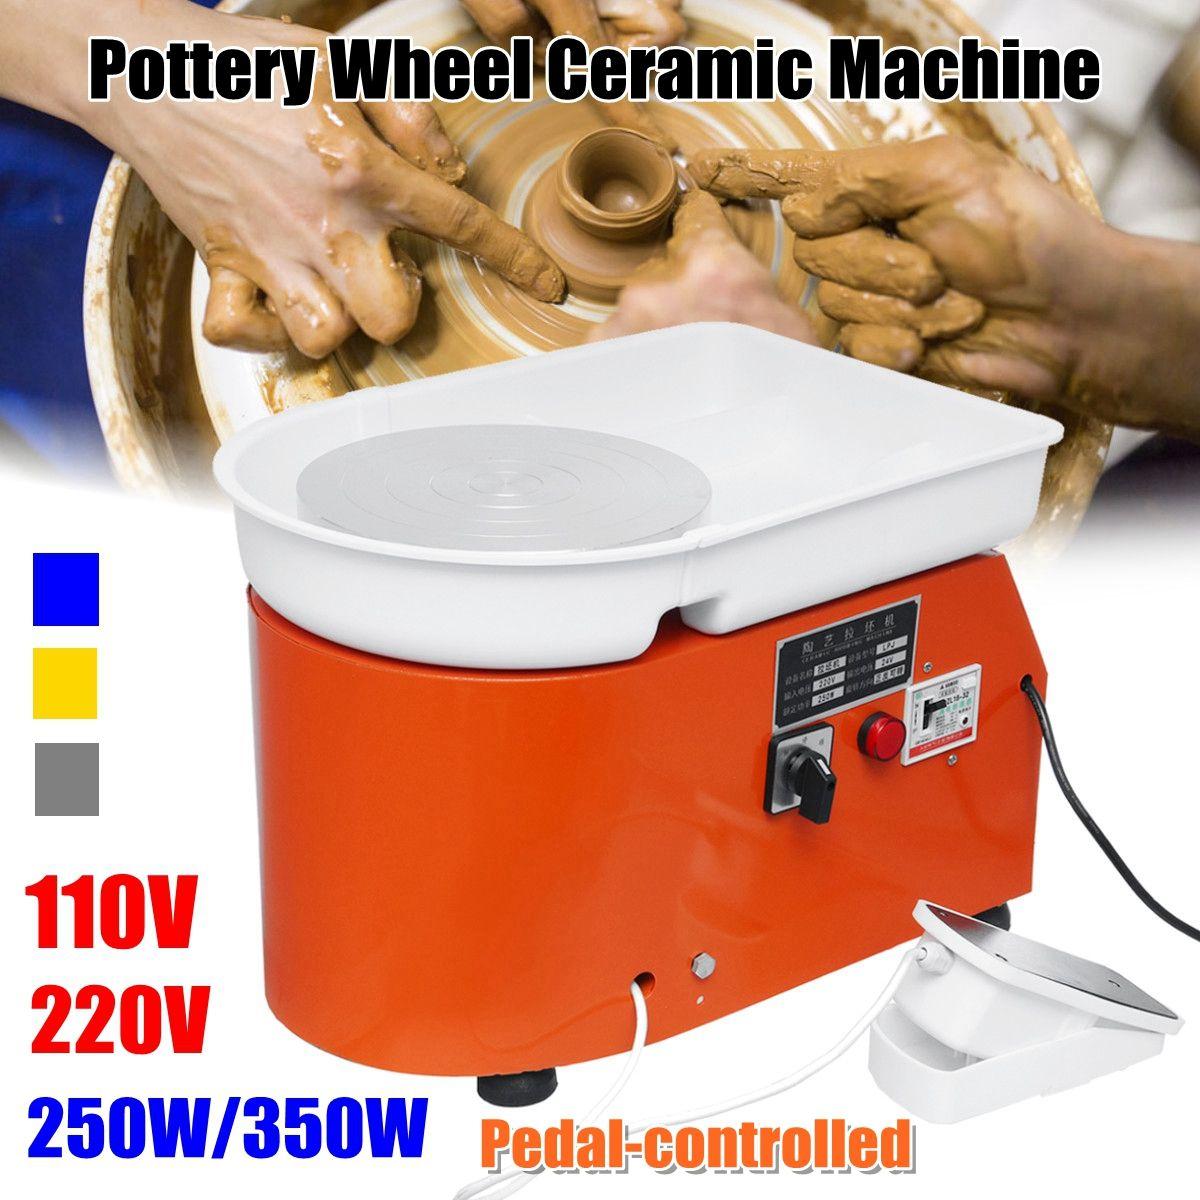 250 watt/350 watt Elektrische Touren Rad Keramik Maschine Keramik Ton Potter Kunst Für Keramik Arbeit Keramik 110 v /220 v